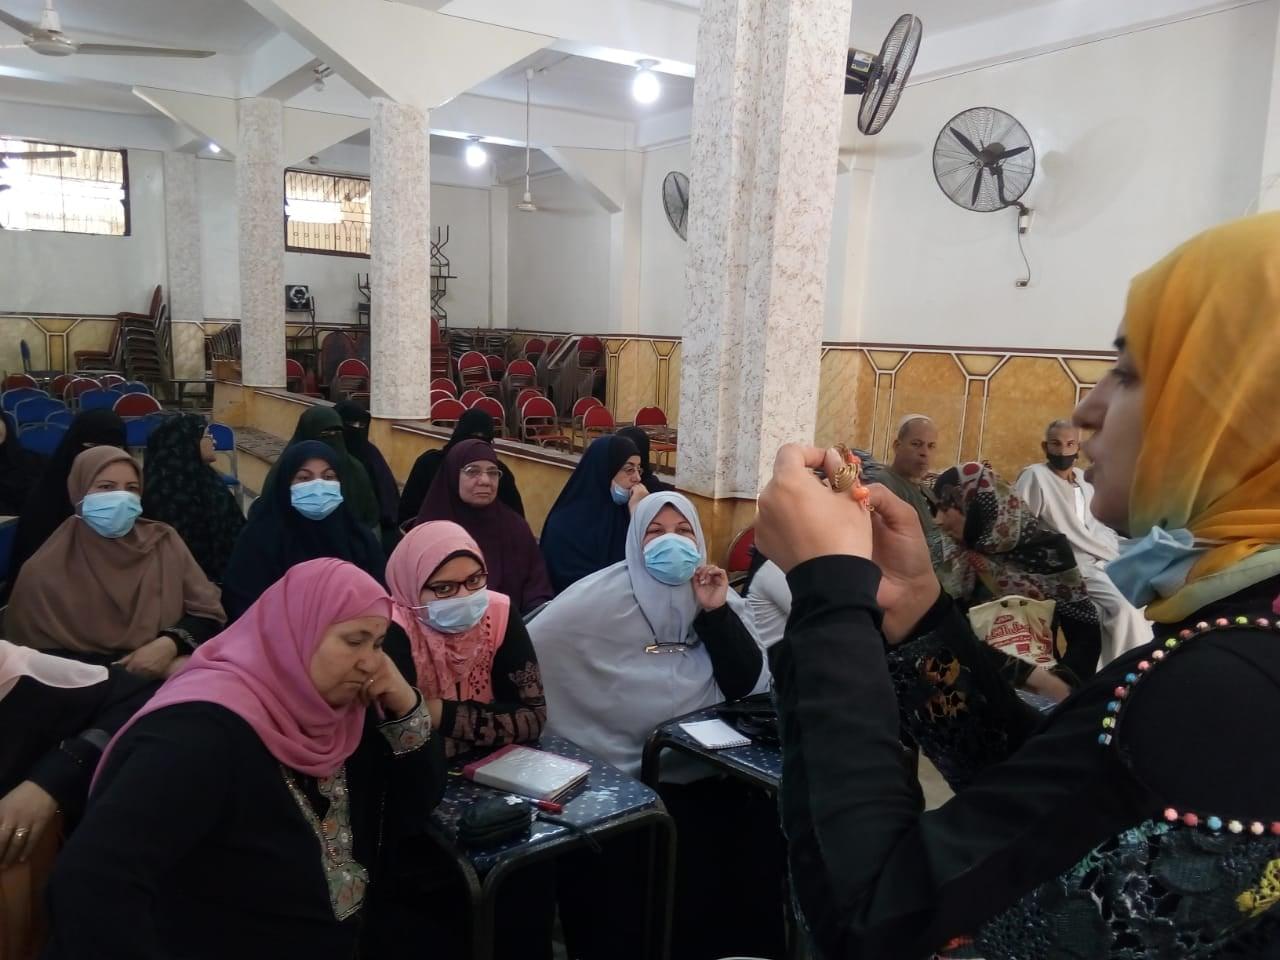 تعليم صناعة الاكسسوارات والحرف قافلة جامعة المنوفية لعمروس